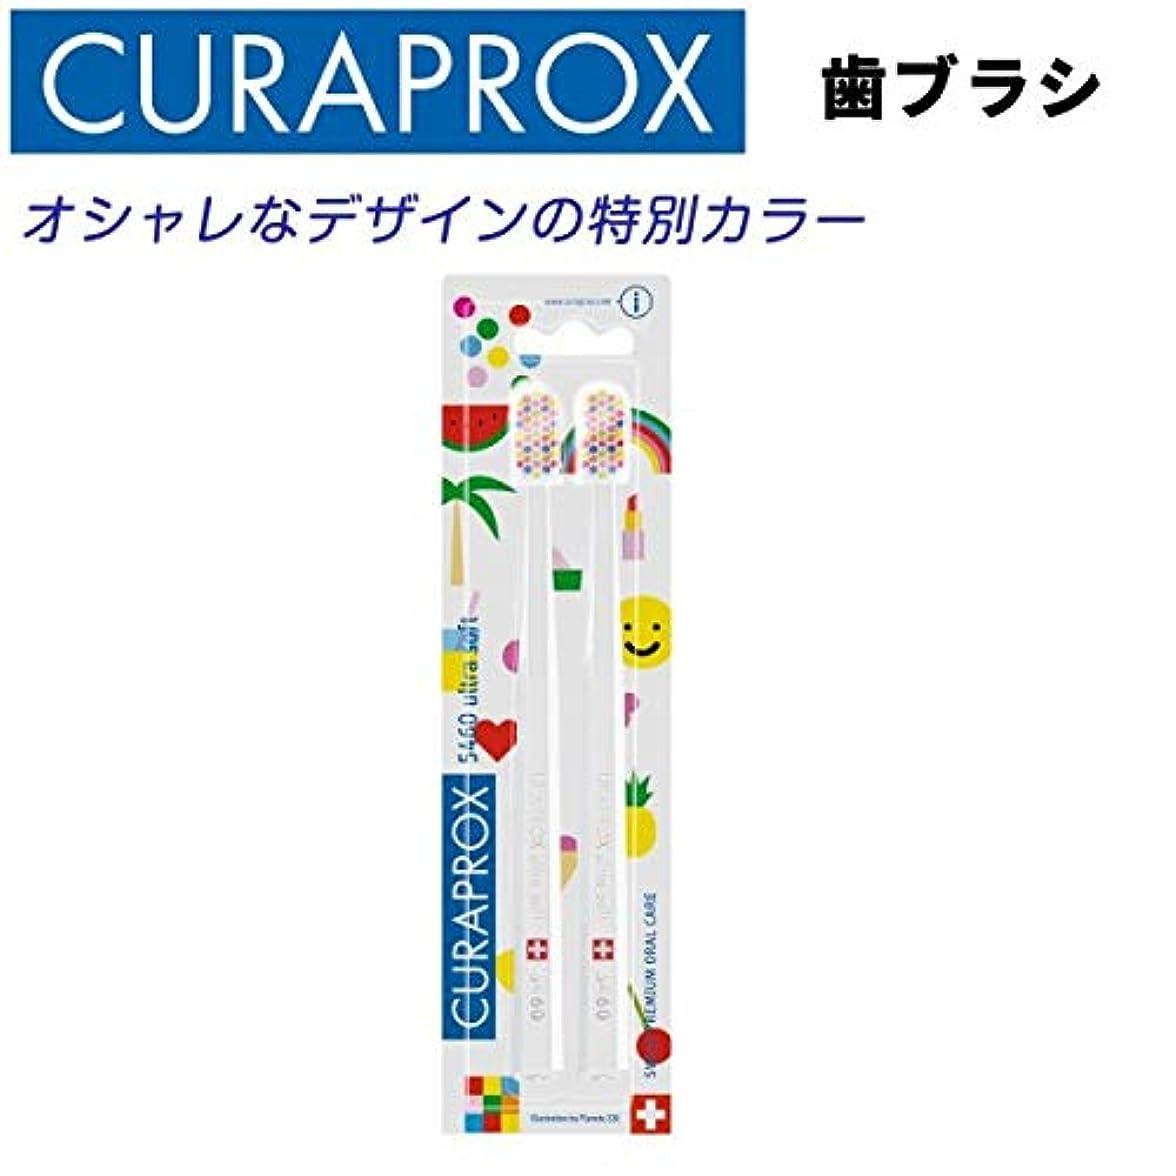 ヘルパー間違いメトリッククラプロックス 歯ブラシ CS5460 POP-ARTエディション 幾何学柄 二本セット